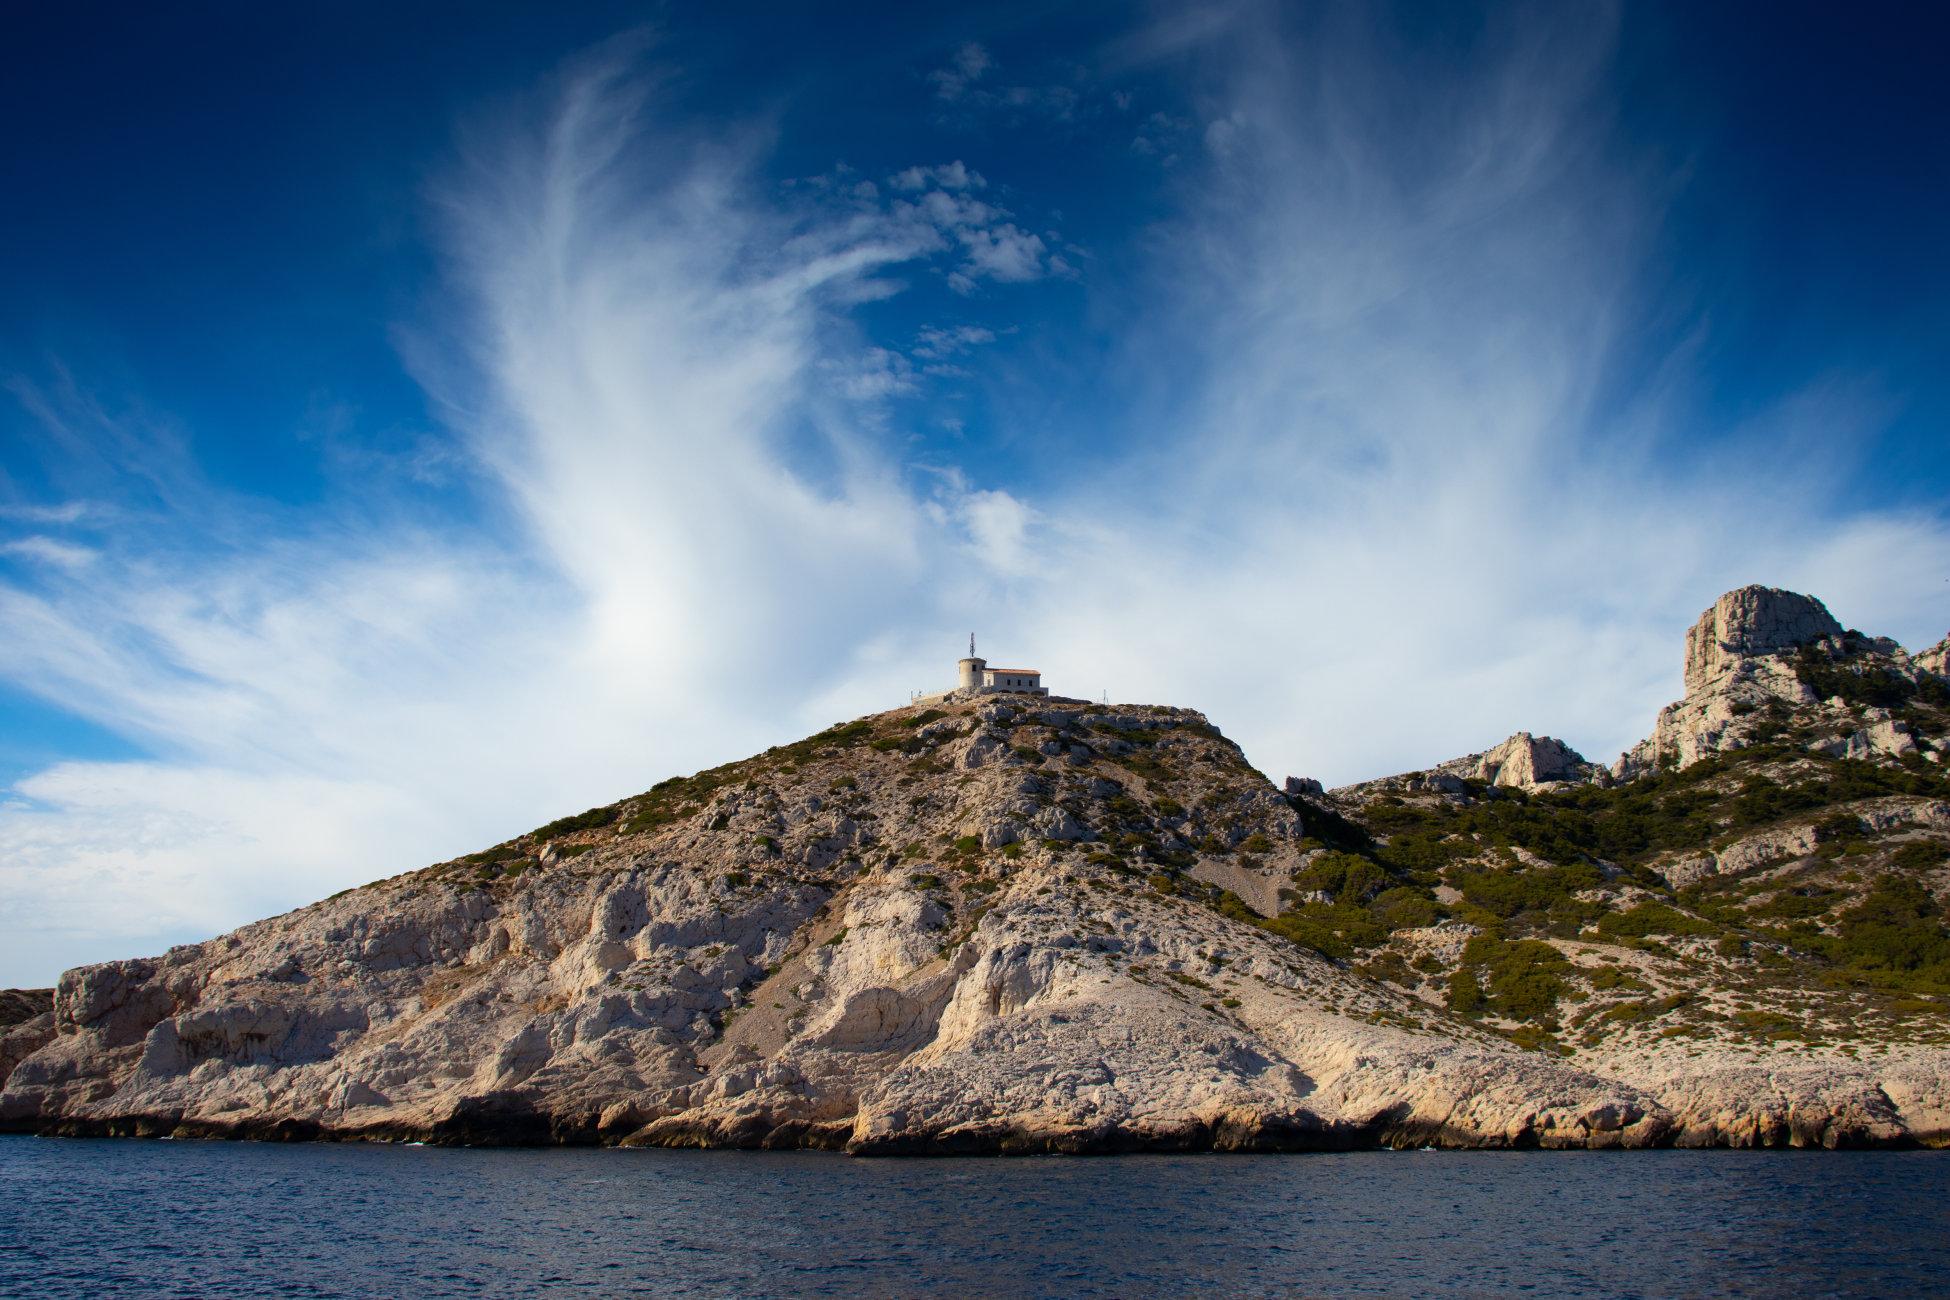 Les Callanques - Marseilles